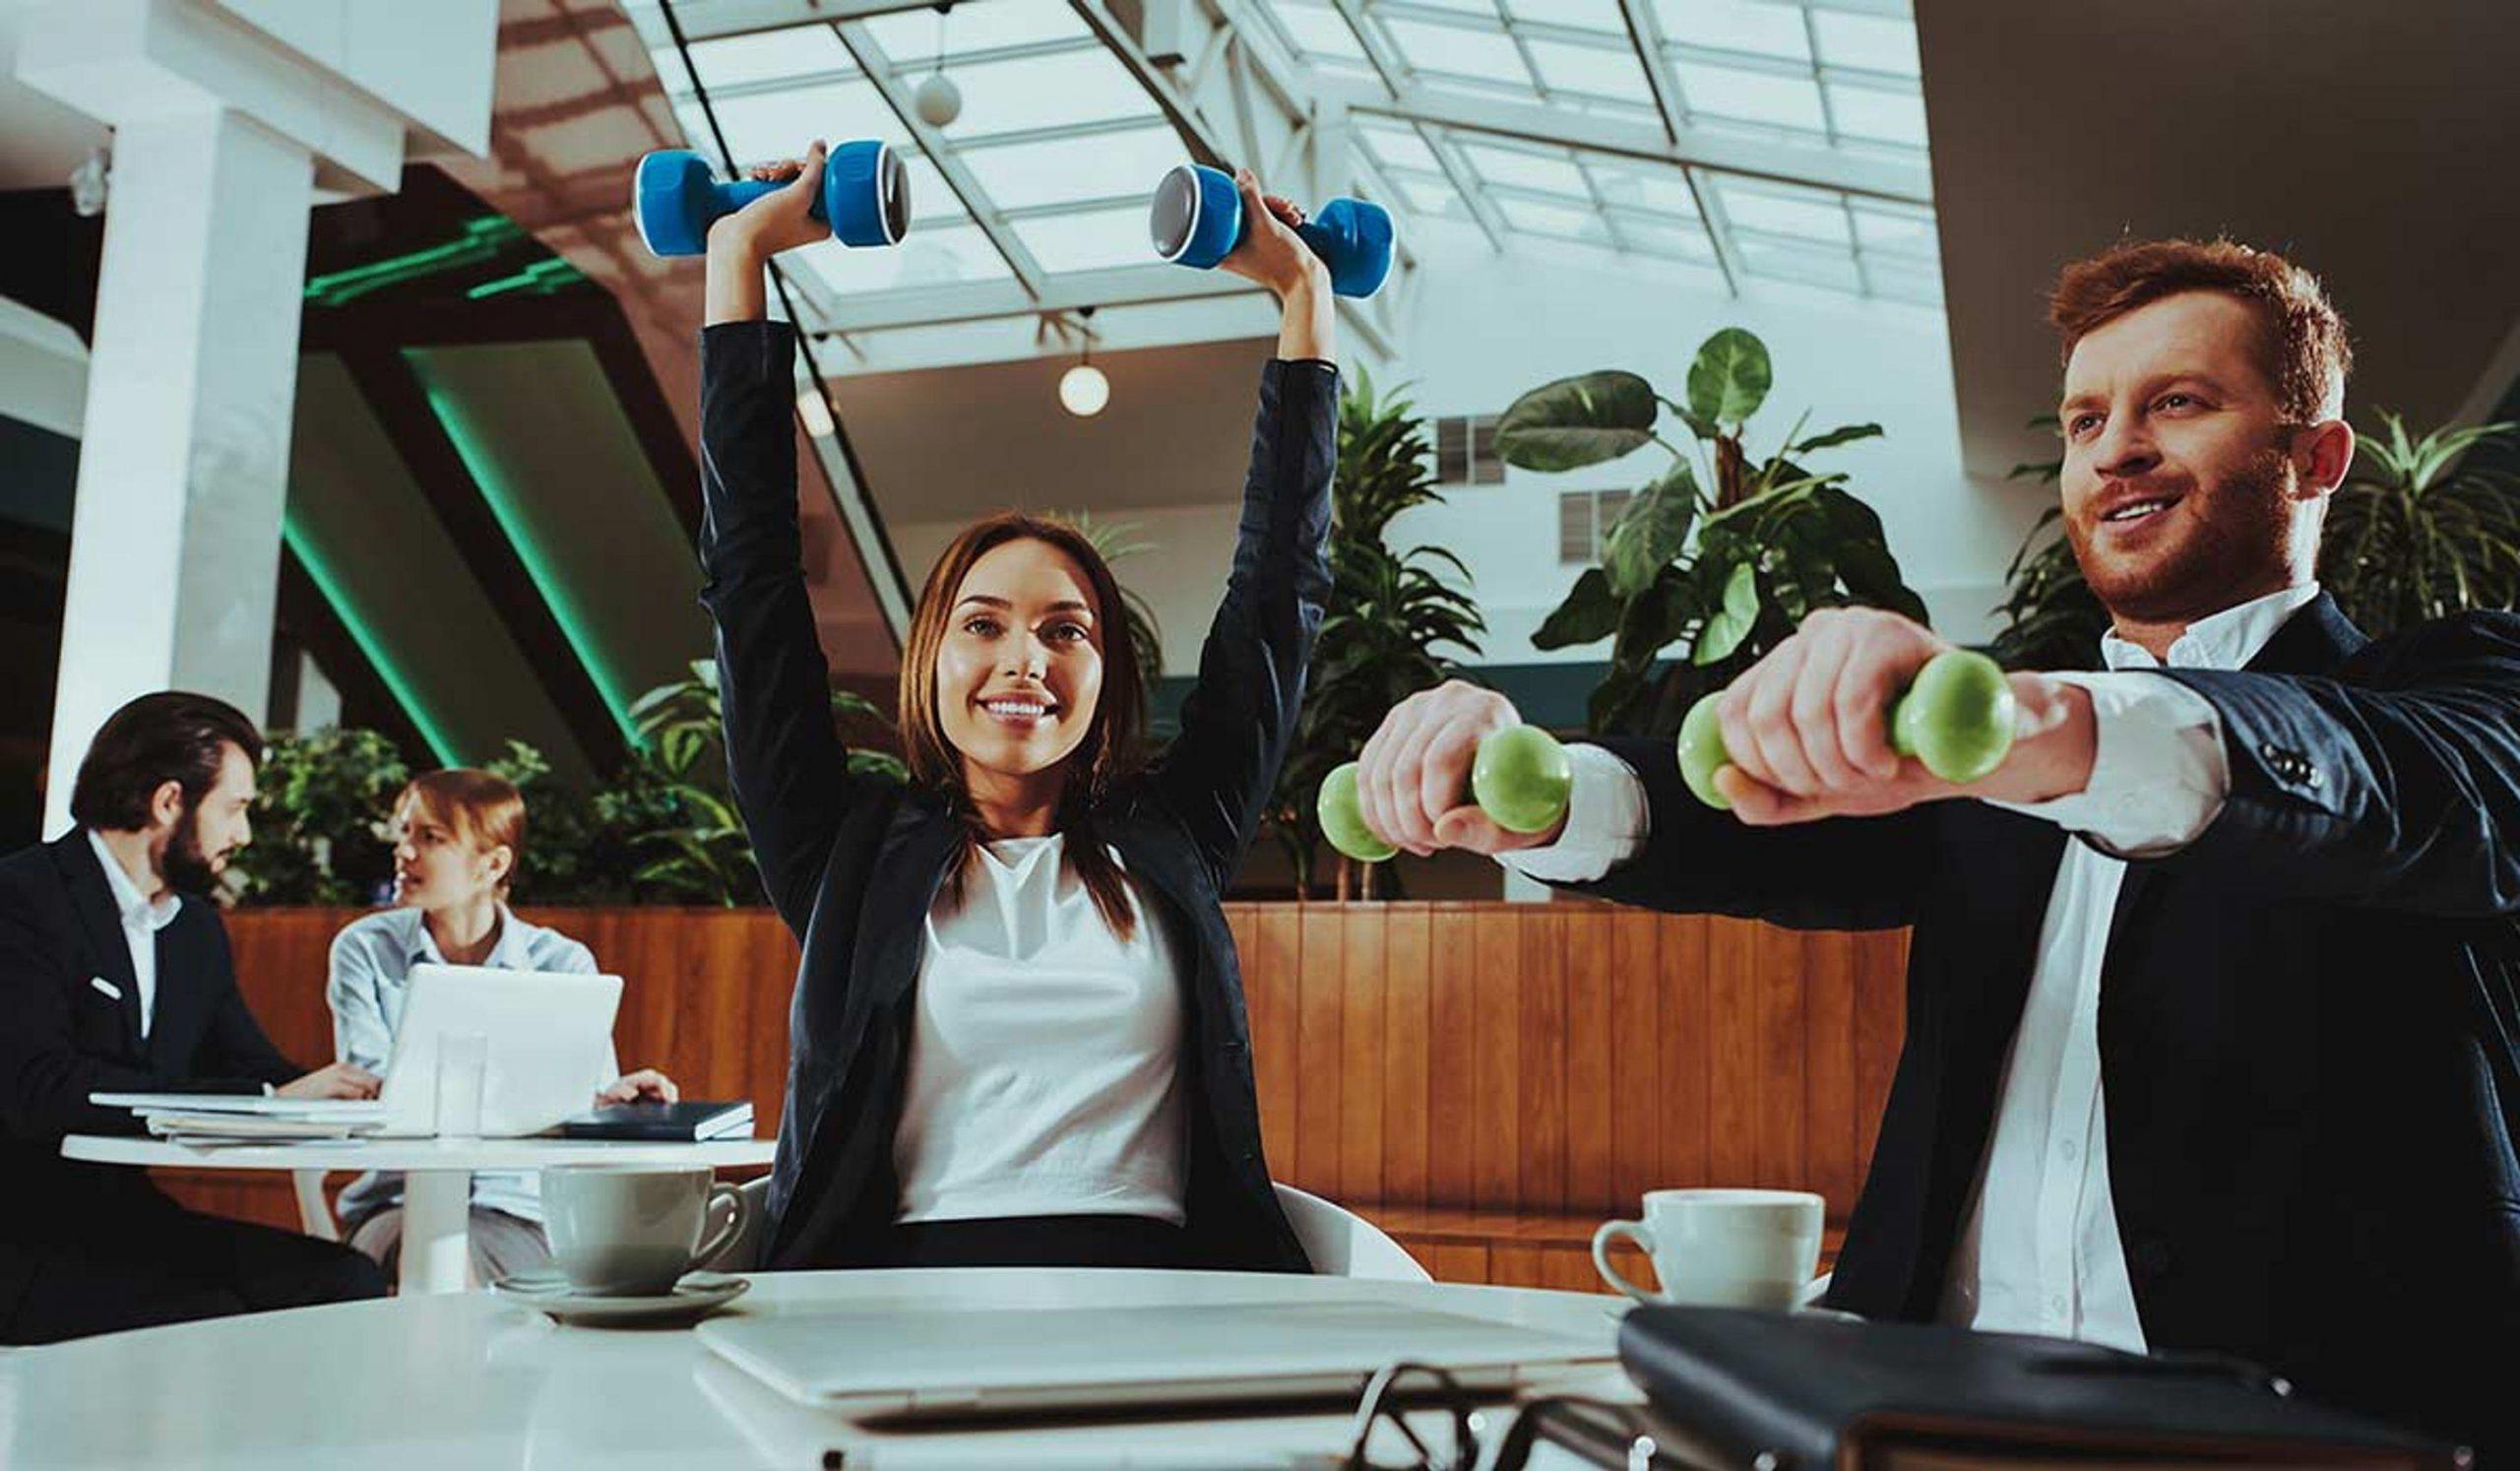 Ofiste Yapılacak Spor Hareketleri